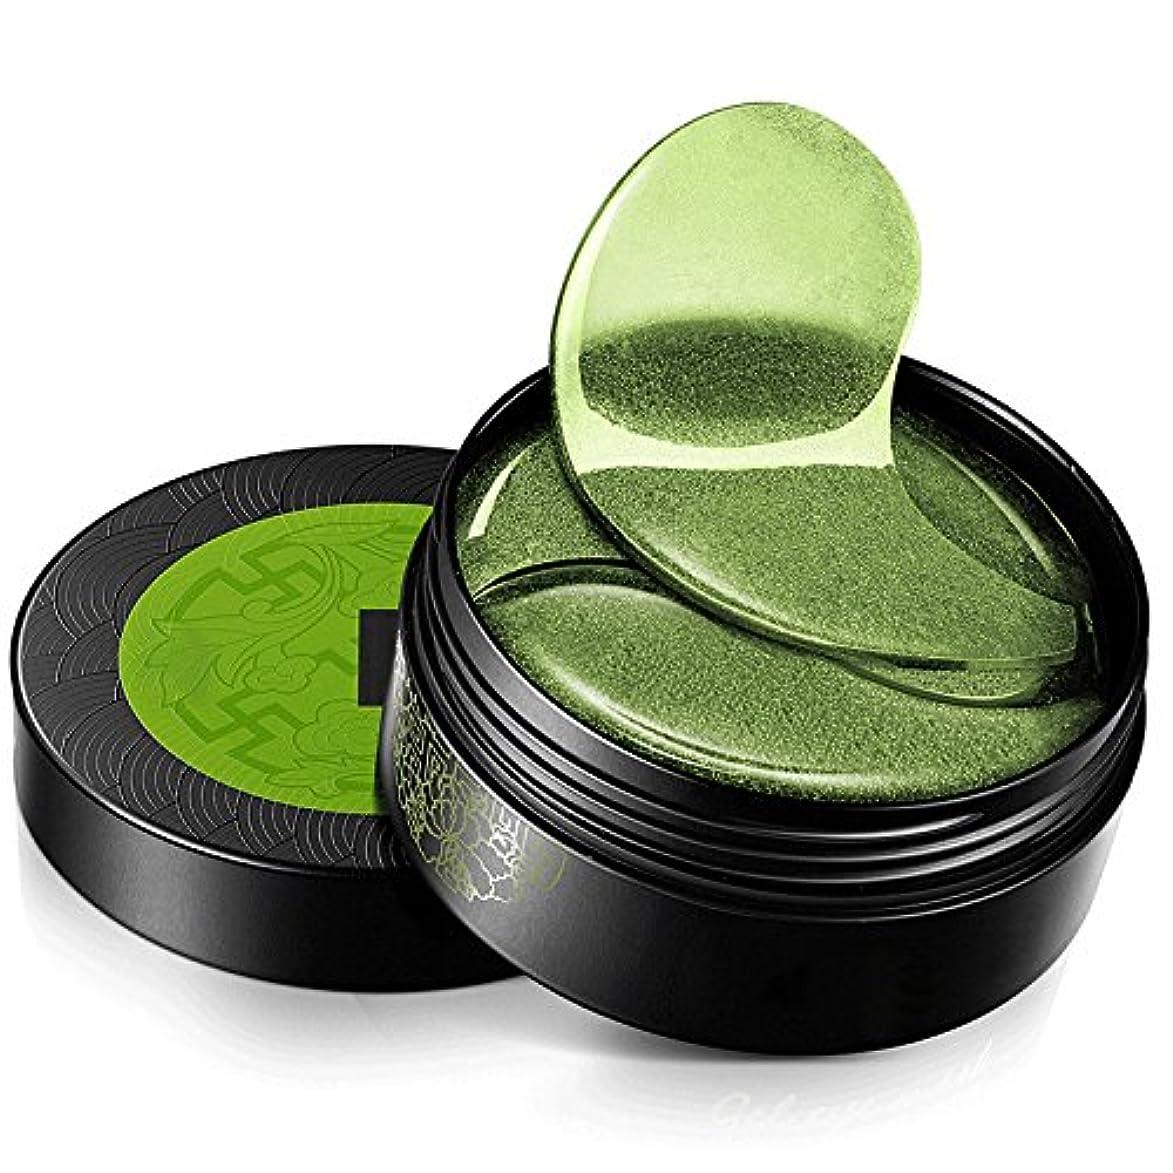 勢いゾーンチャンピオンLULAA MEIKING 目元シート 目元パック 海藻成分 超浸透 潤い 保湿 しわ 浮腫 目くま ヒアルロン酸 天然 抗過敏 緑